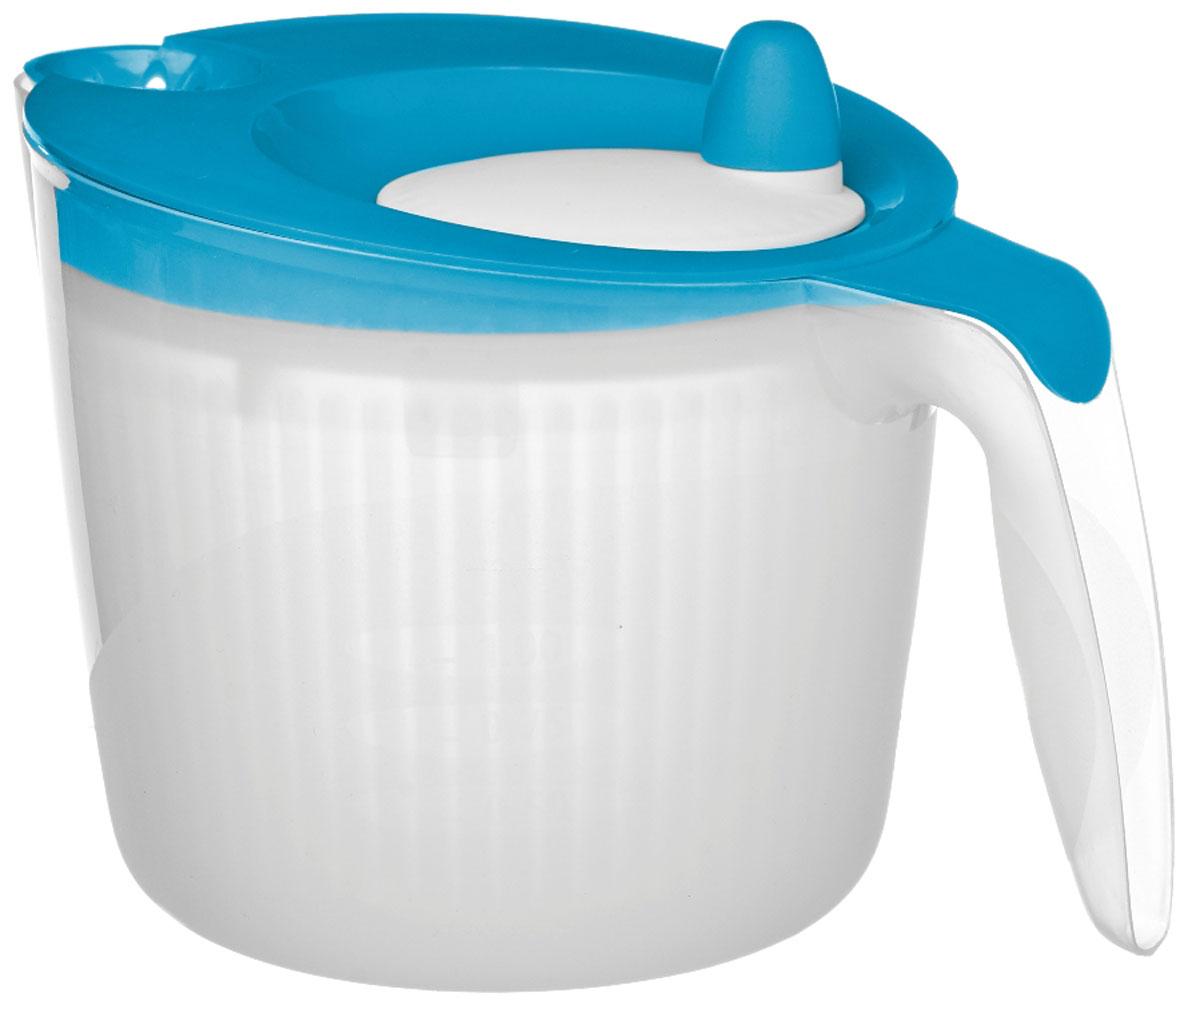 Сушилка для салата Walmer Rainbow, цвет: голубой, 1,8 лW26010018_голубойСушилка для салата Walmer Rainbow - незаменимая вещь на кухне. Обсушивать в ней можно, конечно же, не только салат, но любую зелень: петрушку, укроп, перья лука, рукколу. Объем сушилки - 1,8 литра, а значит, вы сможете высушить за раз большой пучок зелени. Внутри сушилки находится вращающаяся сетчатая емкость. На крышке - ручка, которая эту емкость раскручивает. Положите зелень в сушилку, закройте крышку и прокрутите несколько раз ручку. Центрифуга внутри раскрутится и буквально стряхнет всю влагу с зелени.Сушилка для салата Walmer Rainbow непременно понравится каждой хозяйке.